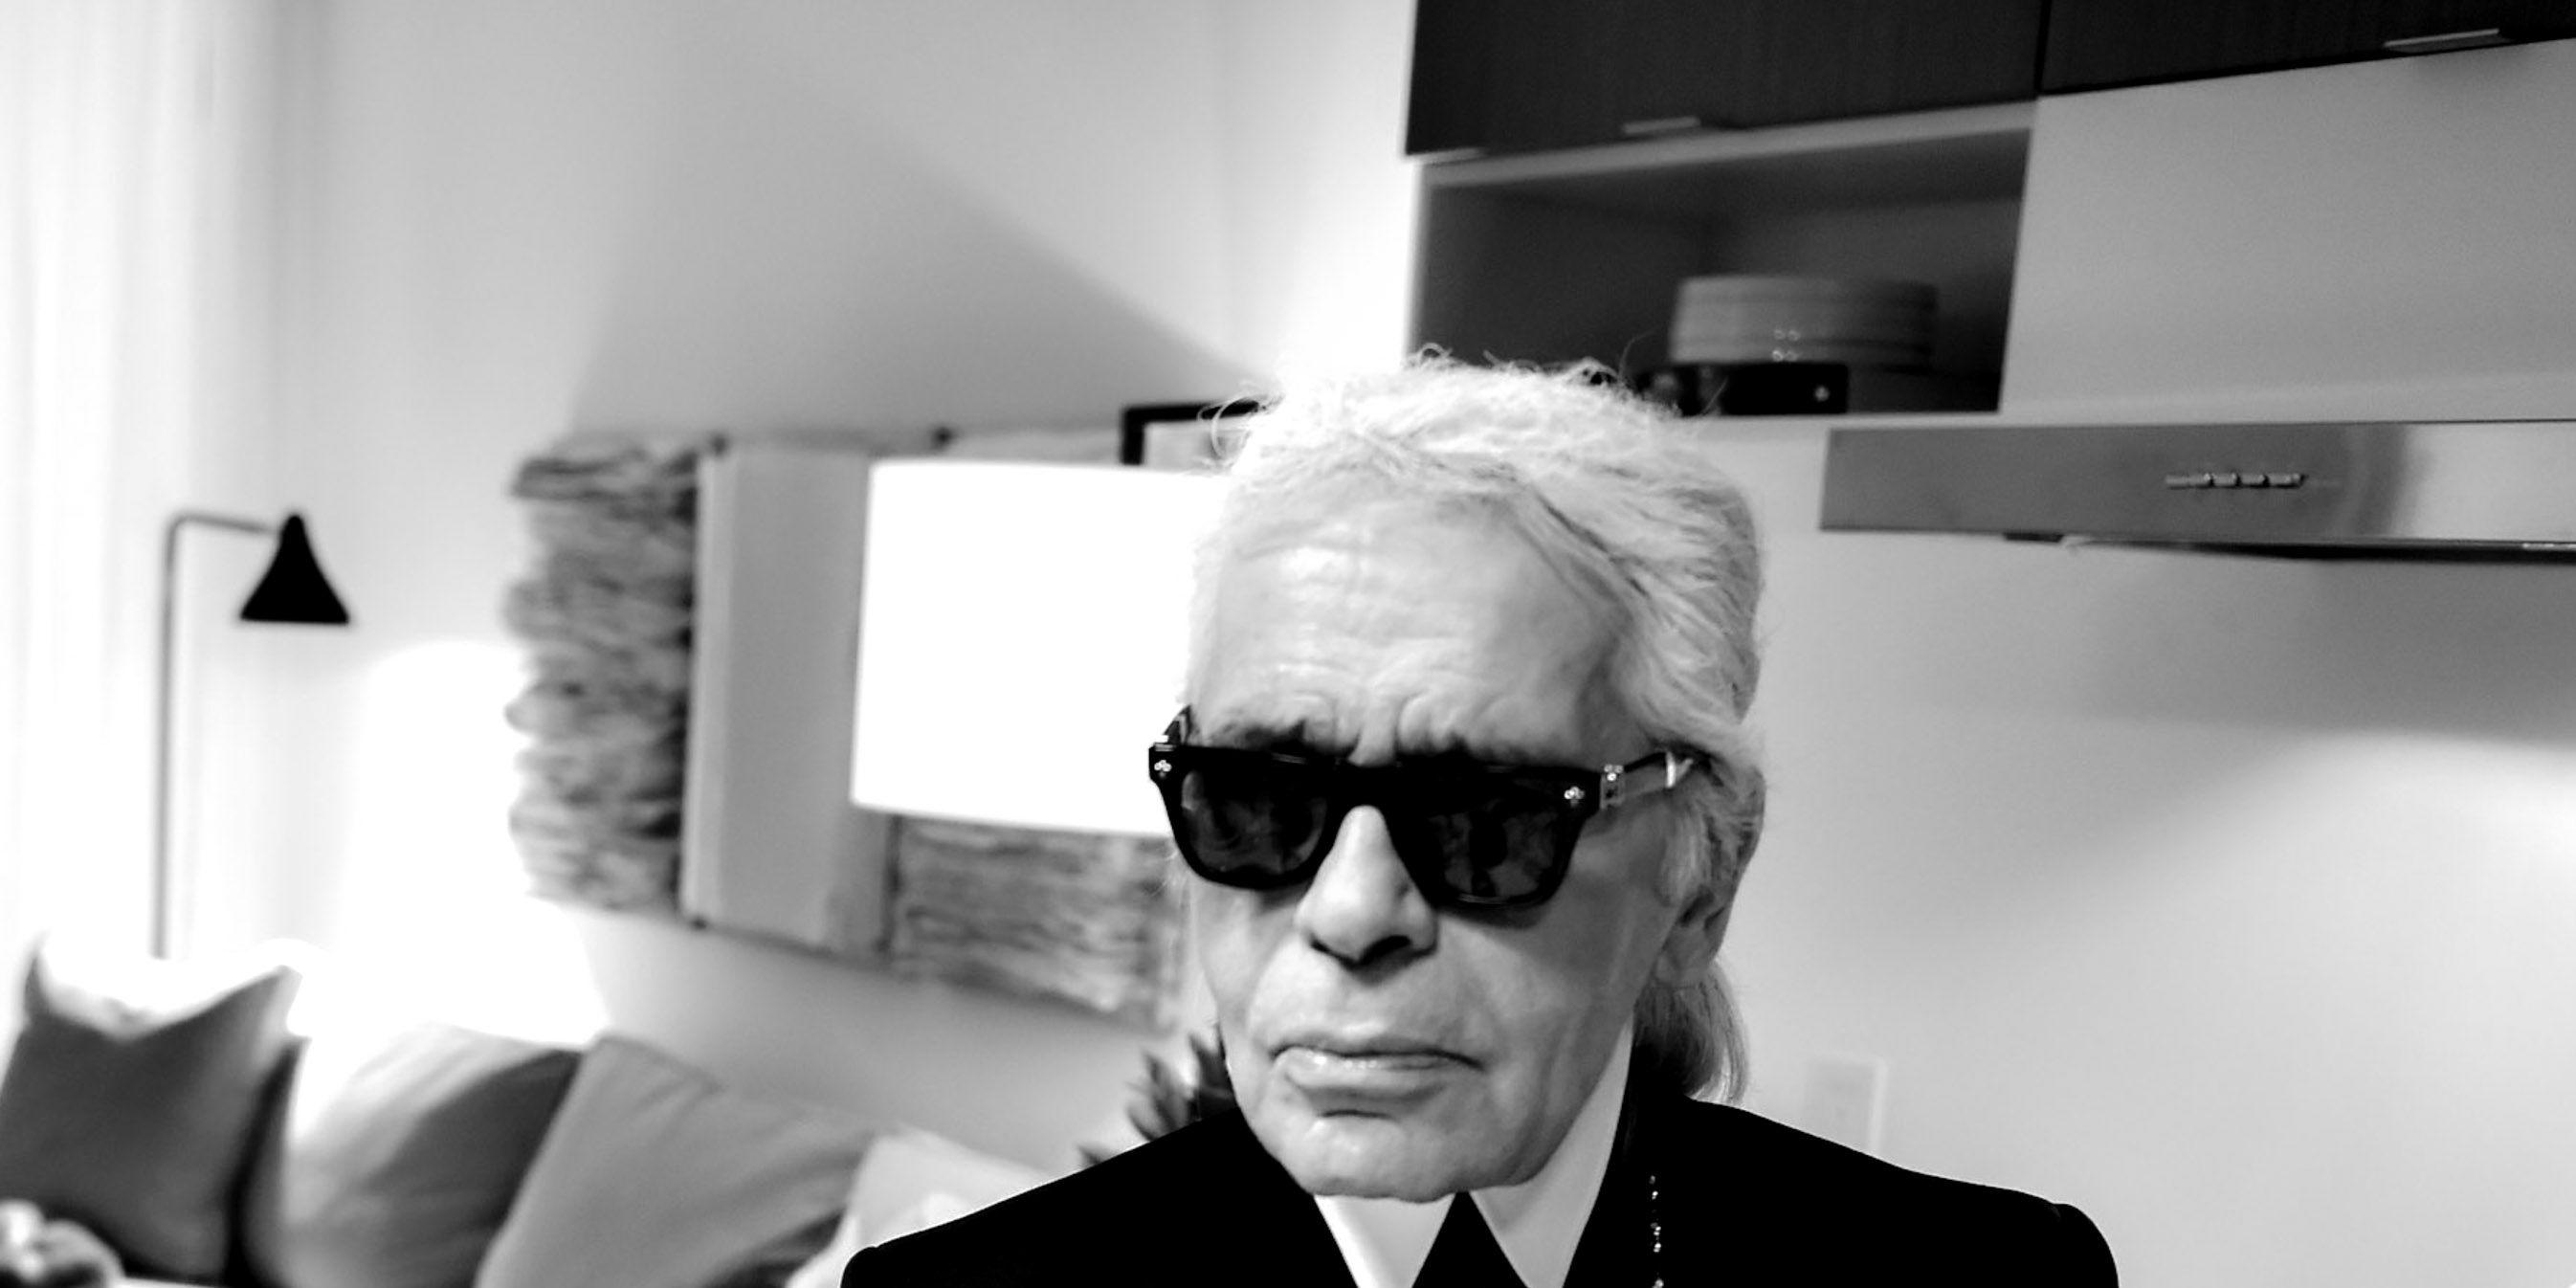 Karl Lagerfeld overleden, Karl Lagerfeld dood